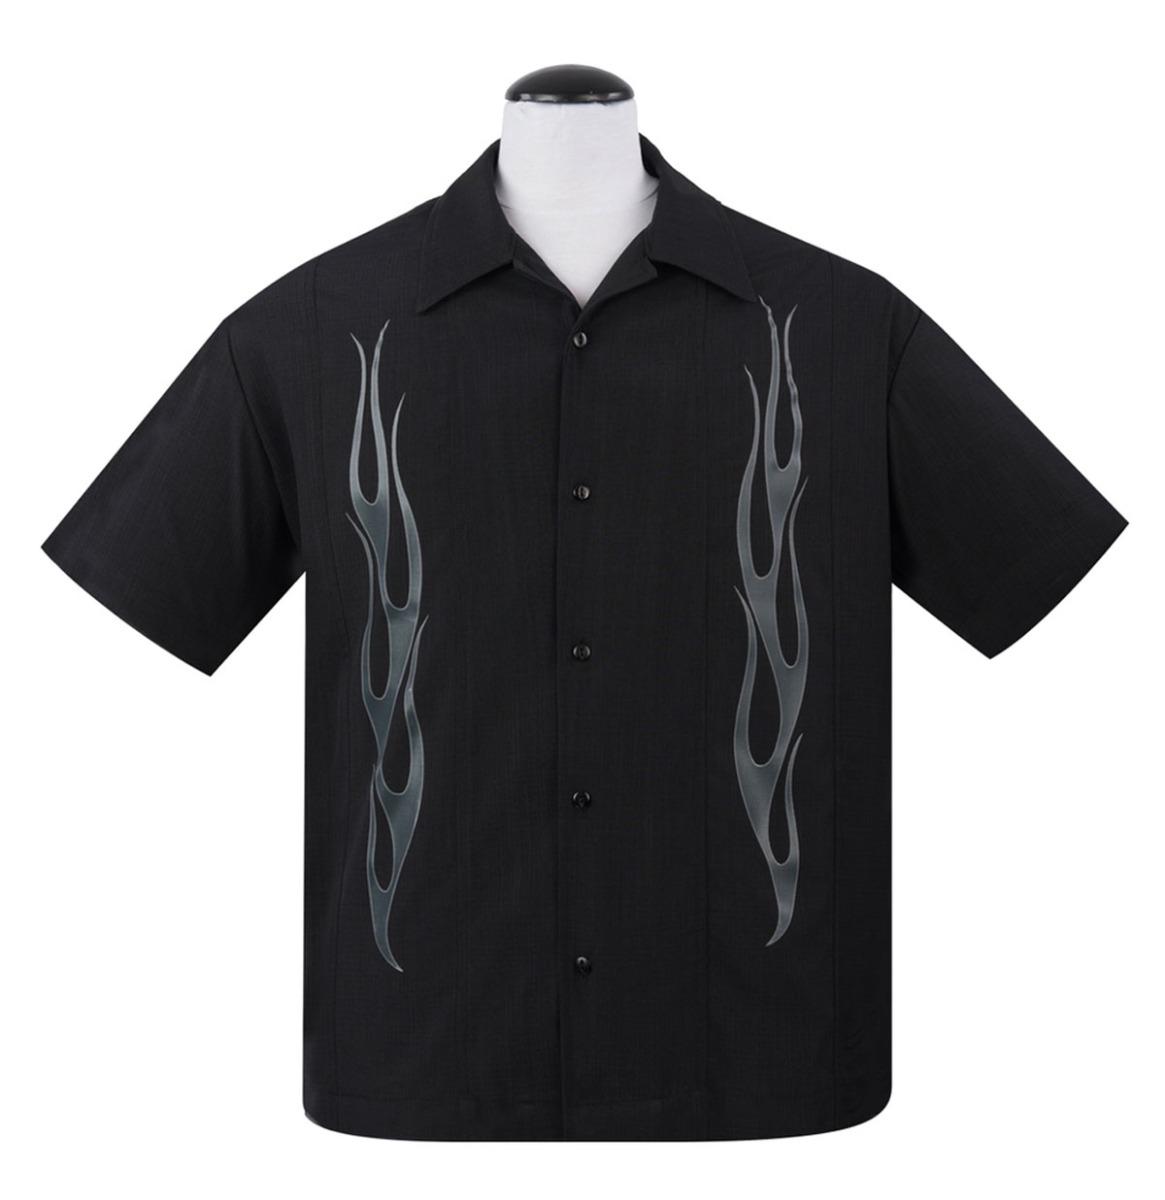 Flame N Hot Shirt Black - Charcoal